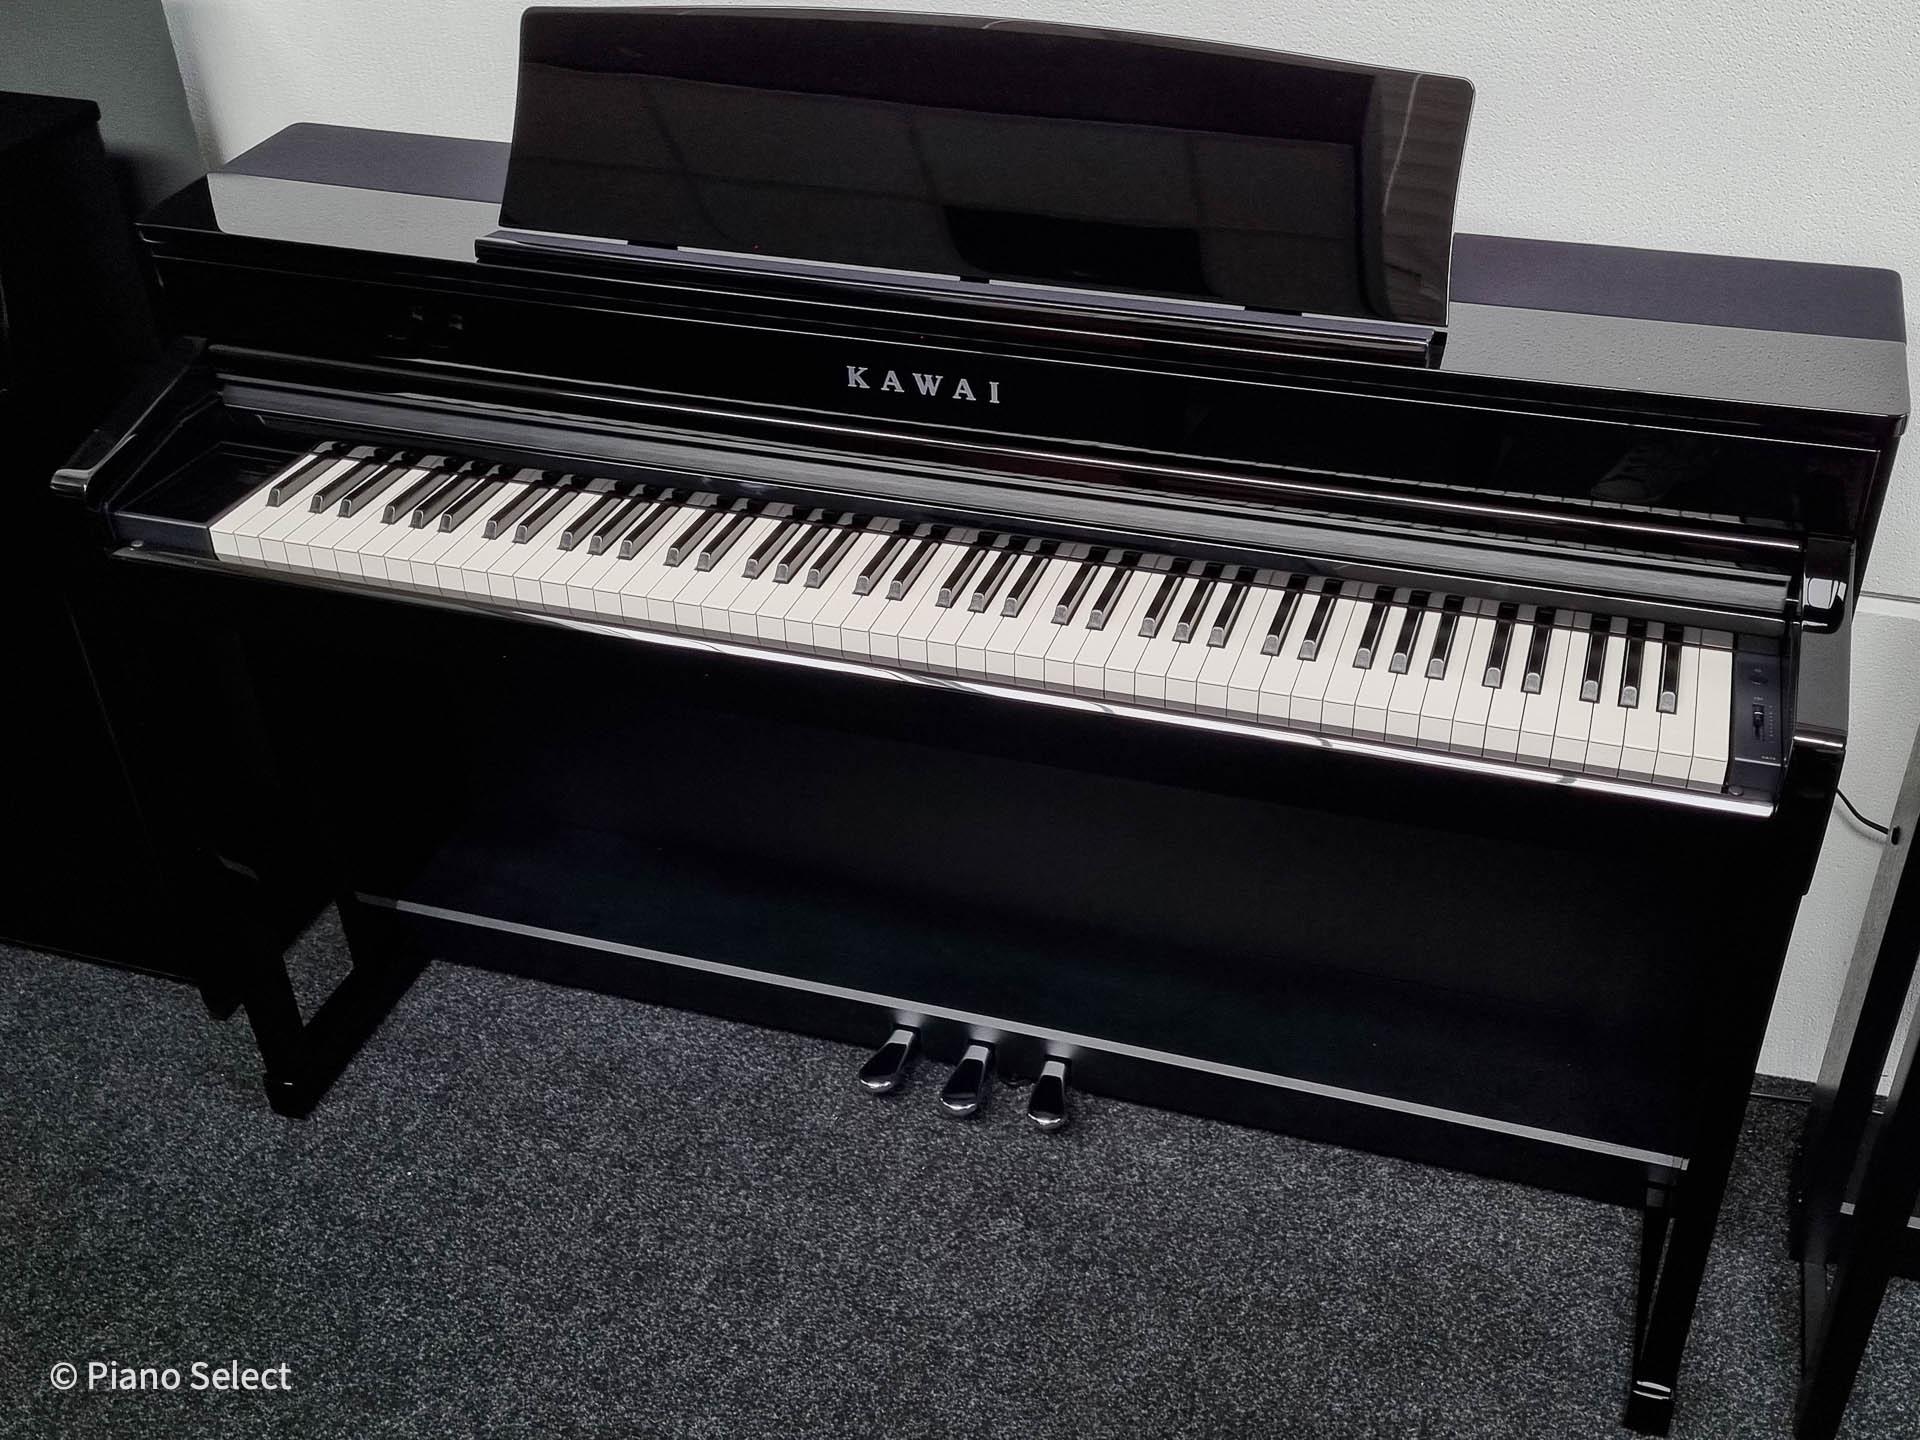 Kawai CA79 digitale piano